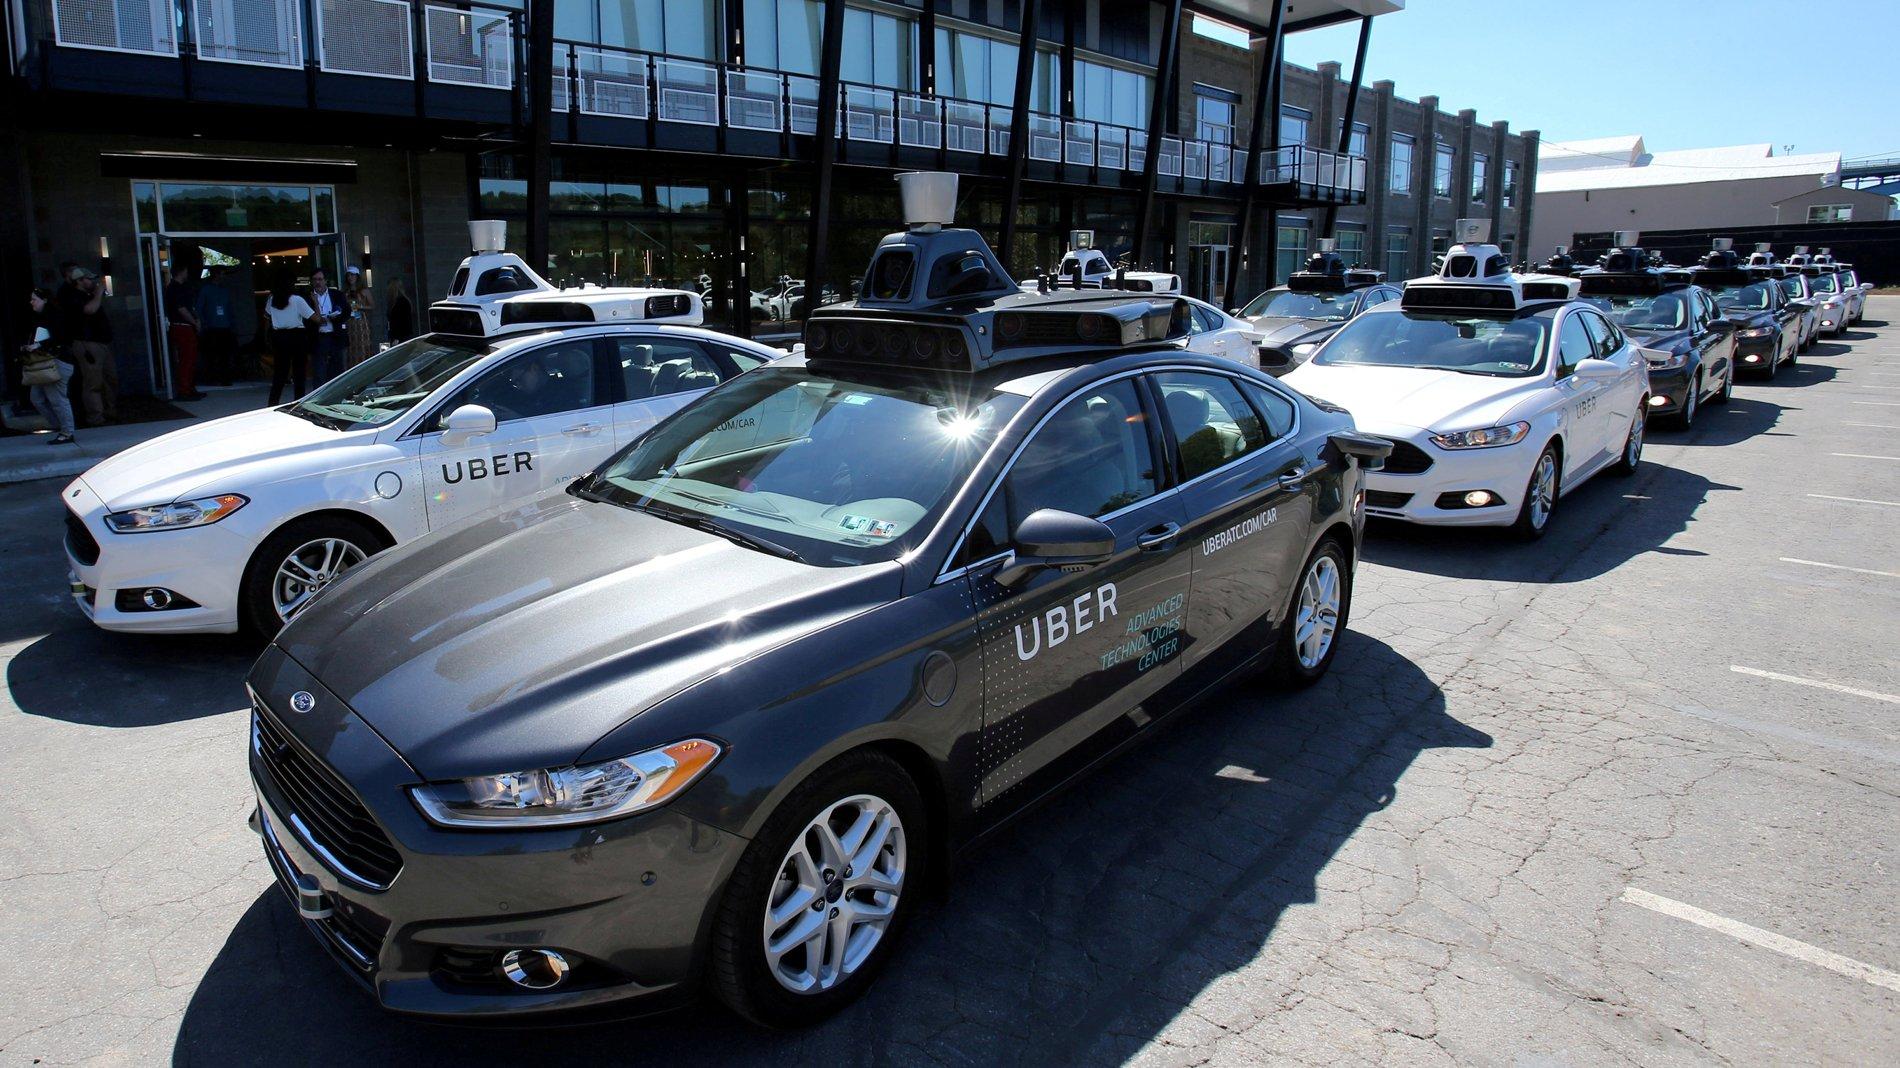 El confinamiento hunde a Uber, que se plantea el despido de 5.400 trabajadores en el mundo, el 20% de su plantilla